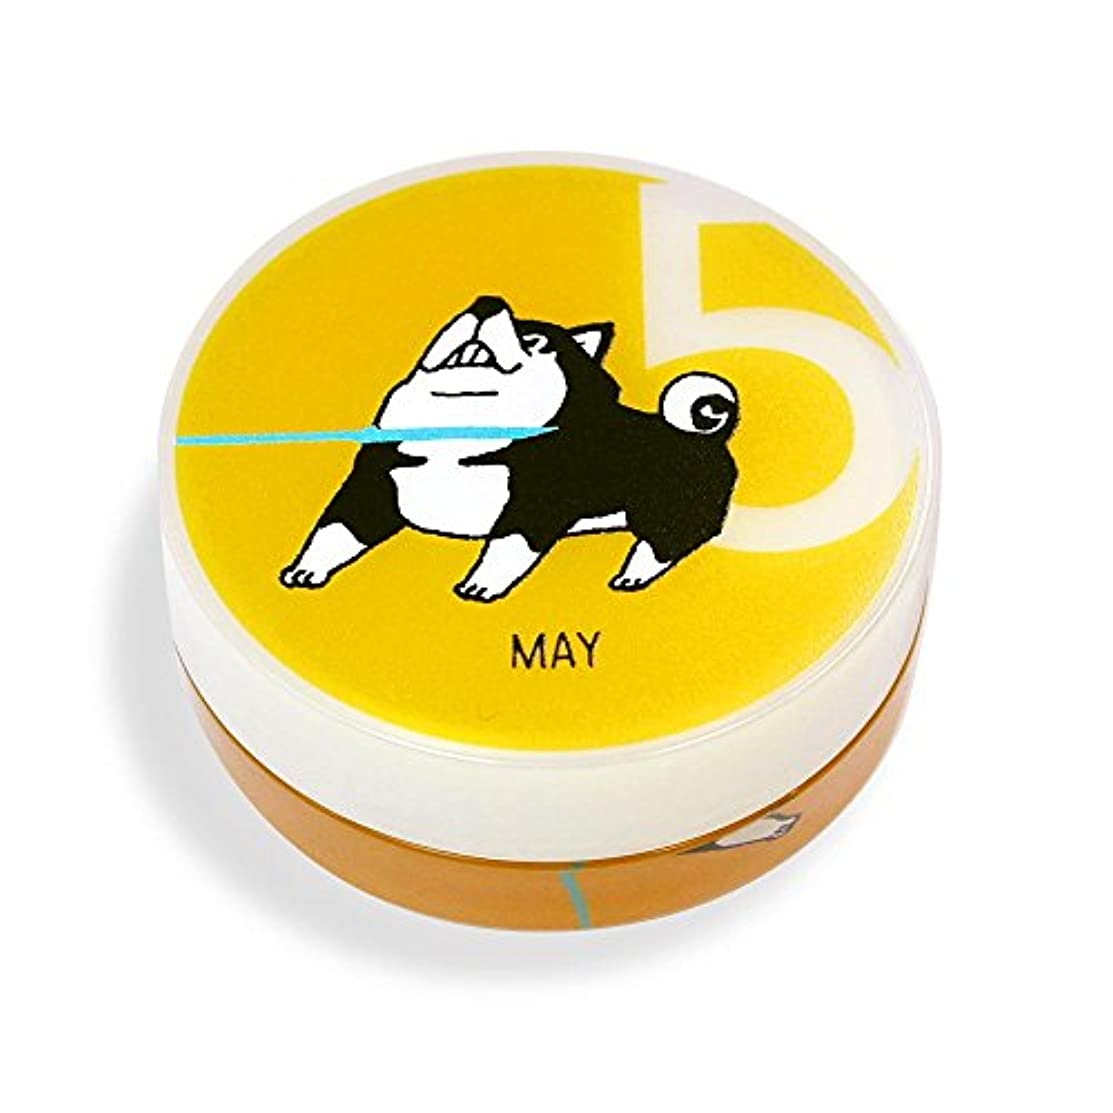 吹きさらし不合格気絶させるしばんばん フルプルクリーム 誕生月シリーズ 5月 20g